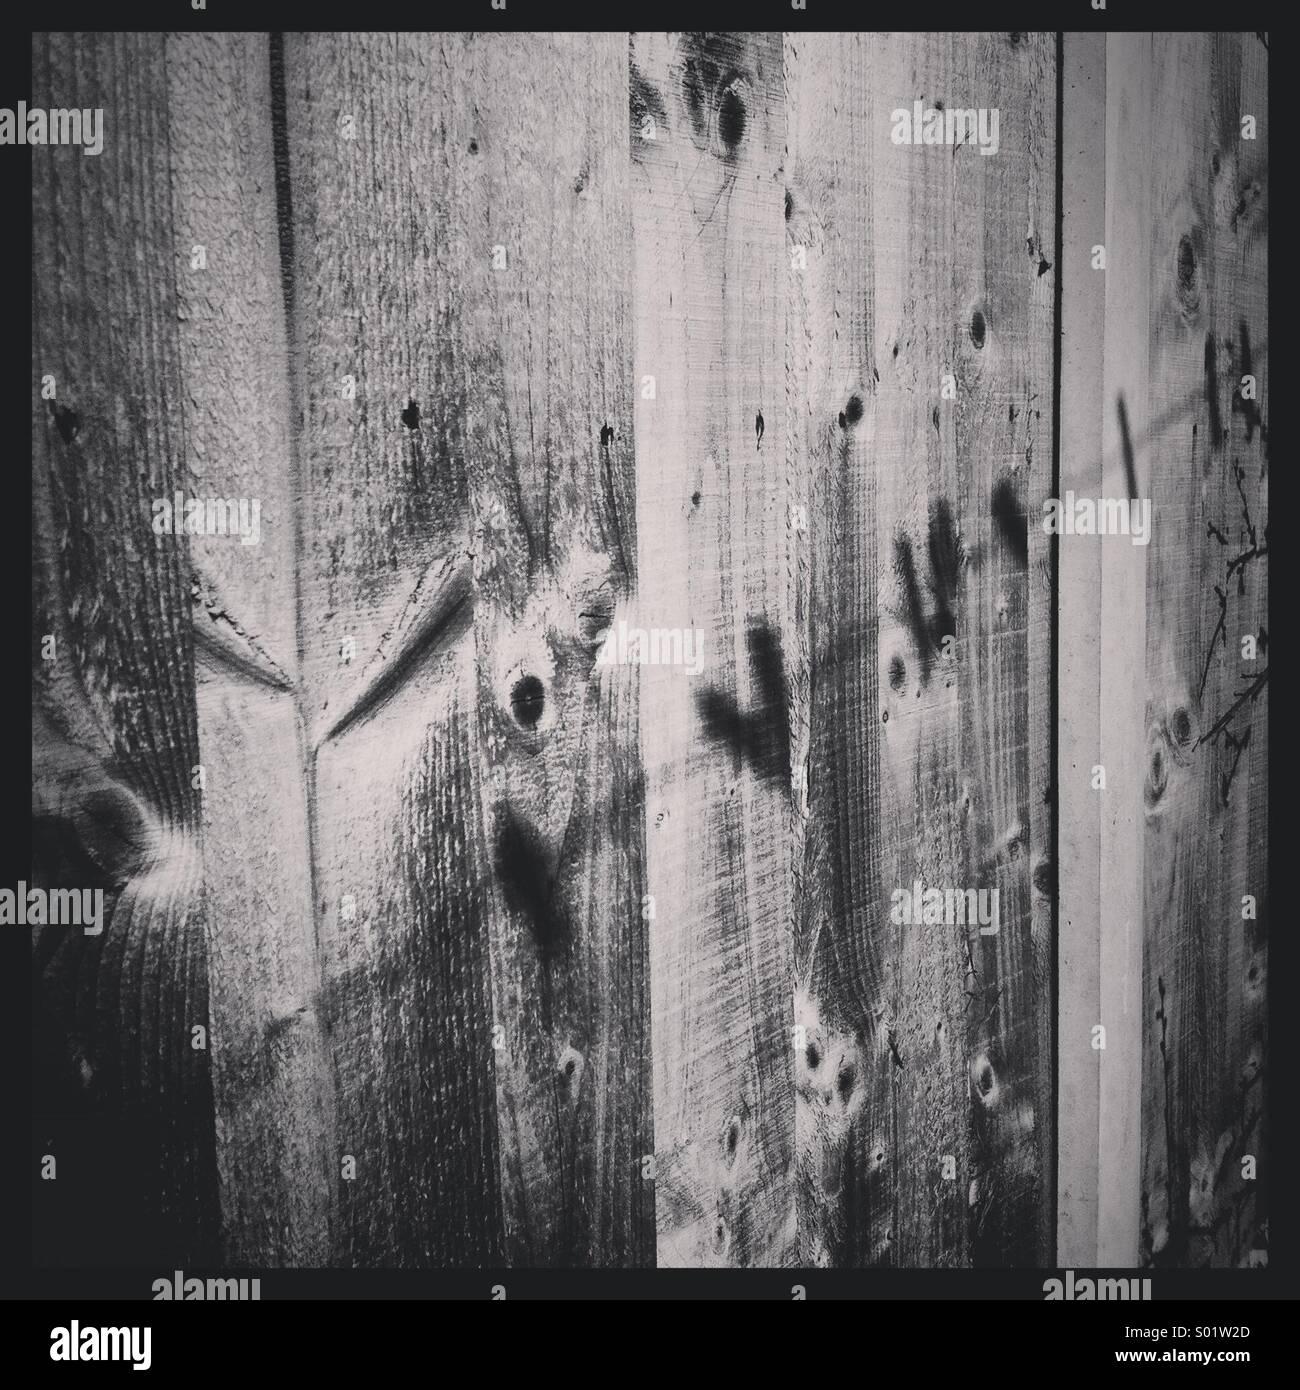 Photographie en noir et blanc de l'ombre de des pinces à linge sur un étendoir sur un panneau de clôture Photo Stock